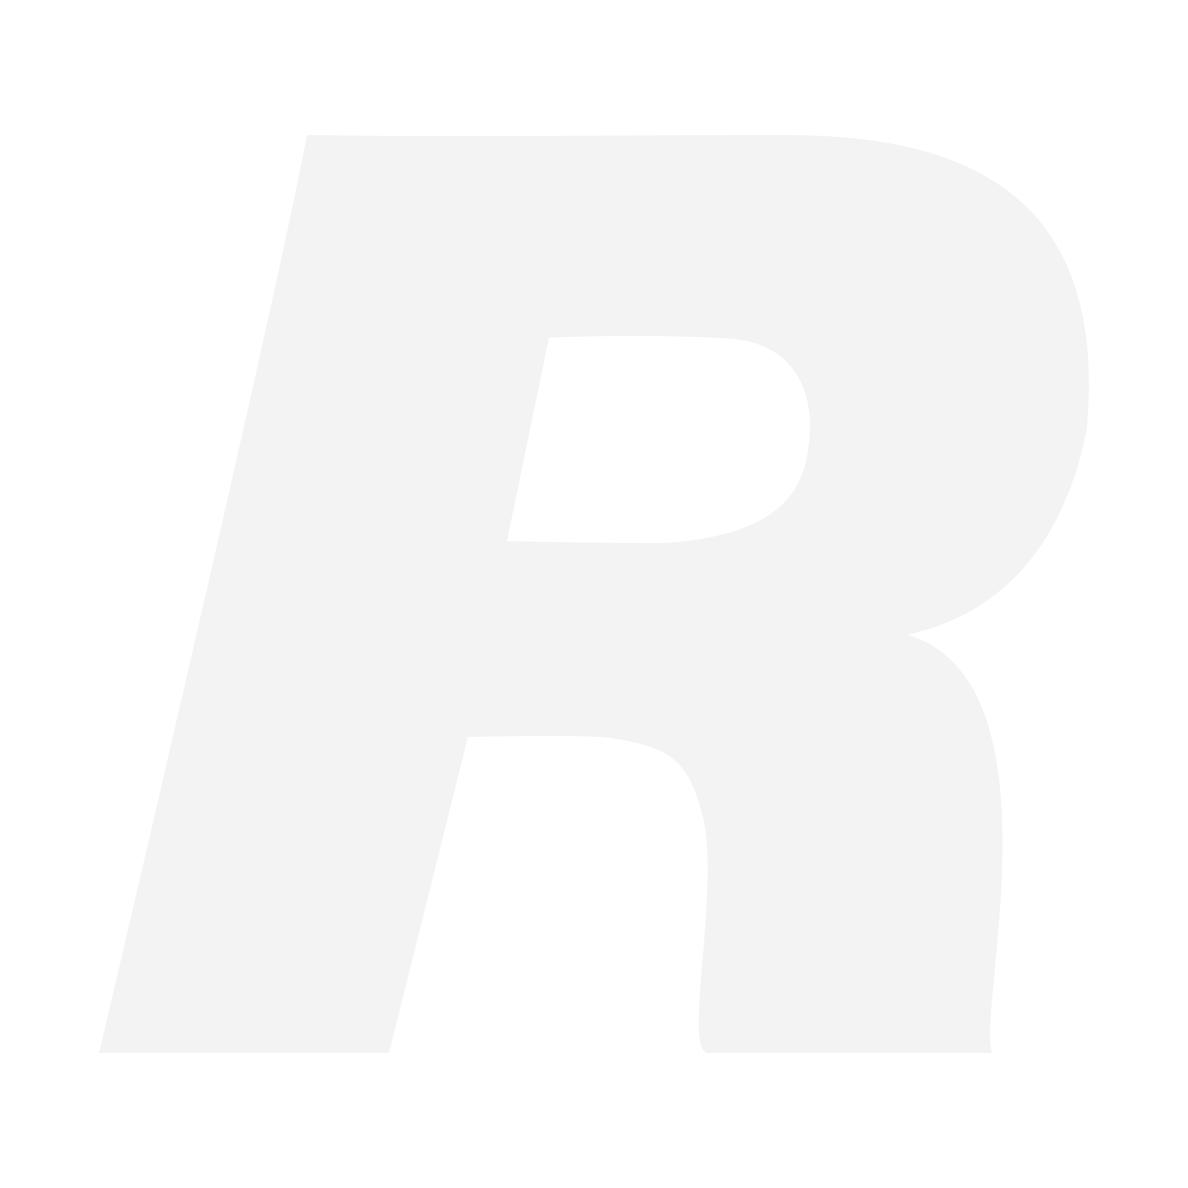 Zhiyun Smooth 4, musta gimbal-vakaaja älypuhelimelle